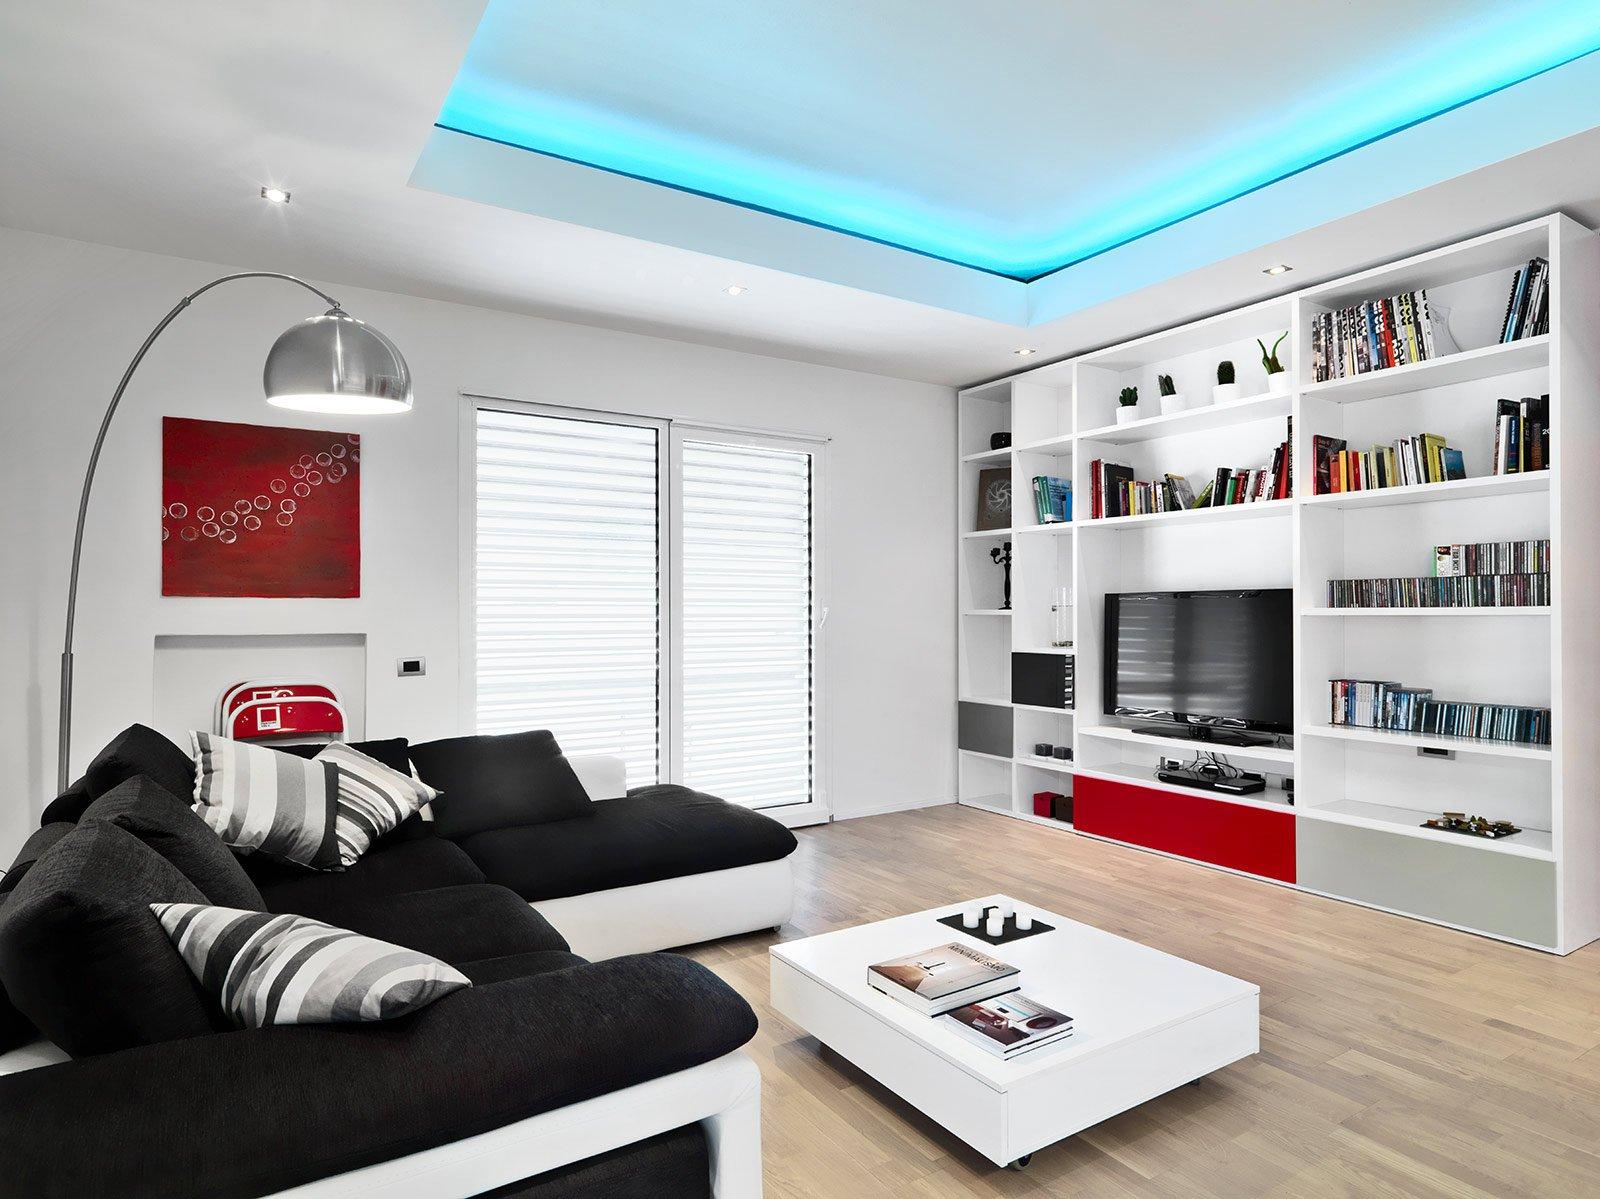 Una casa ristrutturata ridisegnando le prospettive interne for Immagini soggiorno moderno